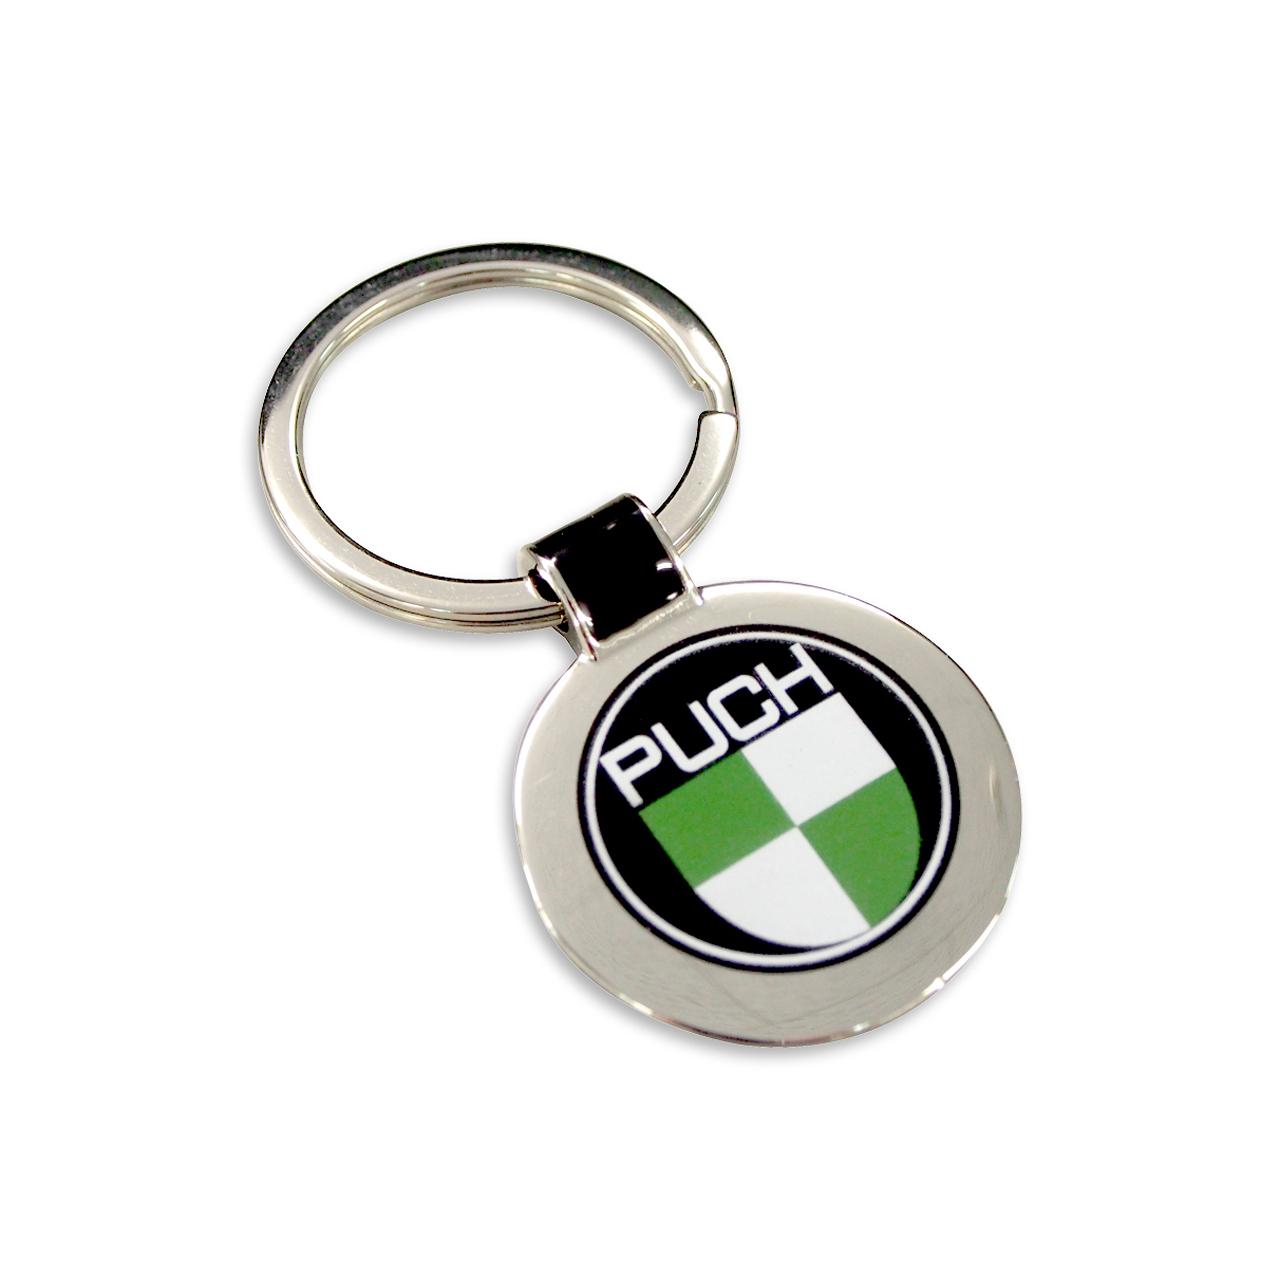 PUCH ロゴ入りキーホルダー